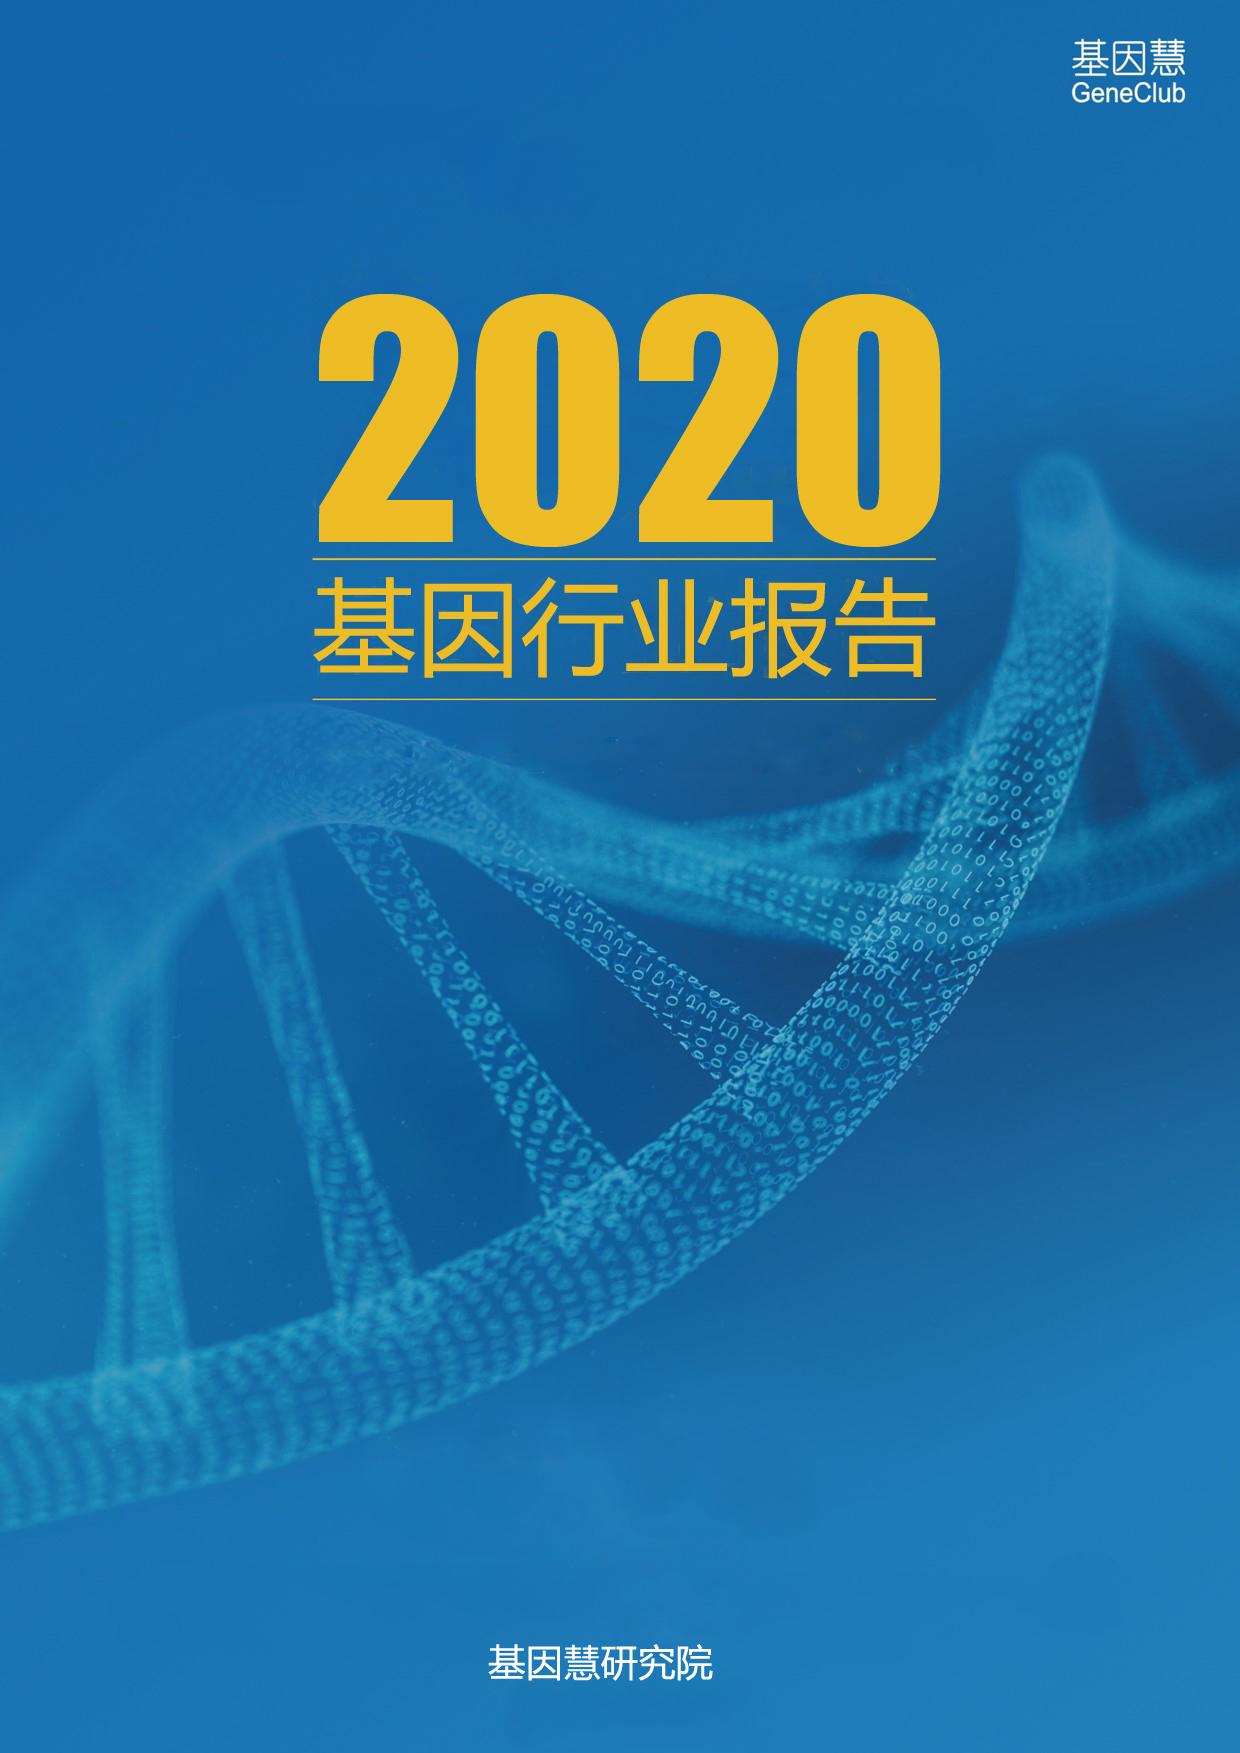 揭秘2020基因行业报告,宁光院士/沈亦平/黄杰/张振翼等作序推荐